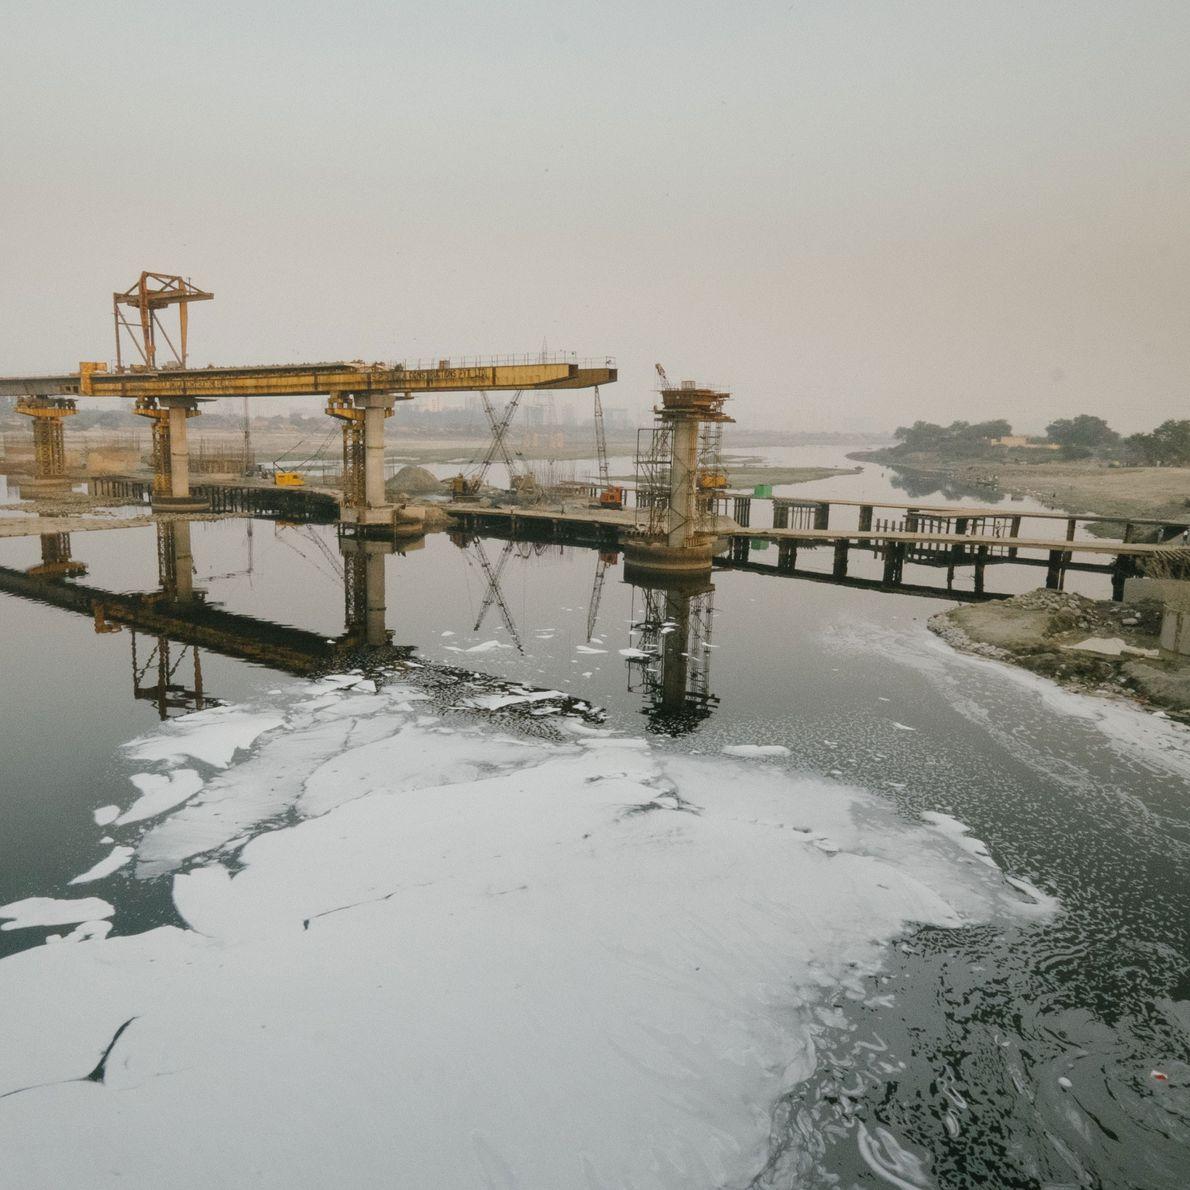 Fotografia de projetos de construção sobre o poluído Rio Yamuna, em Deli.